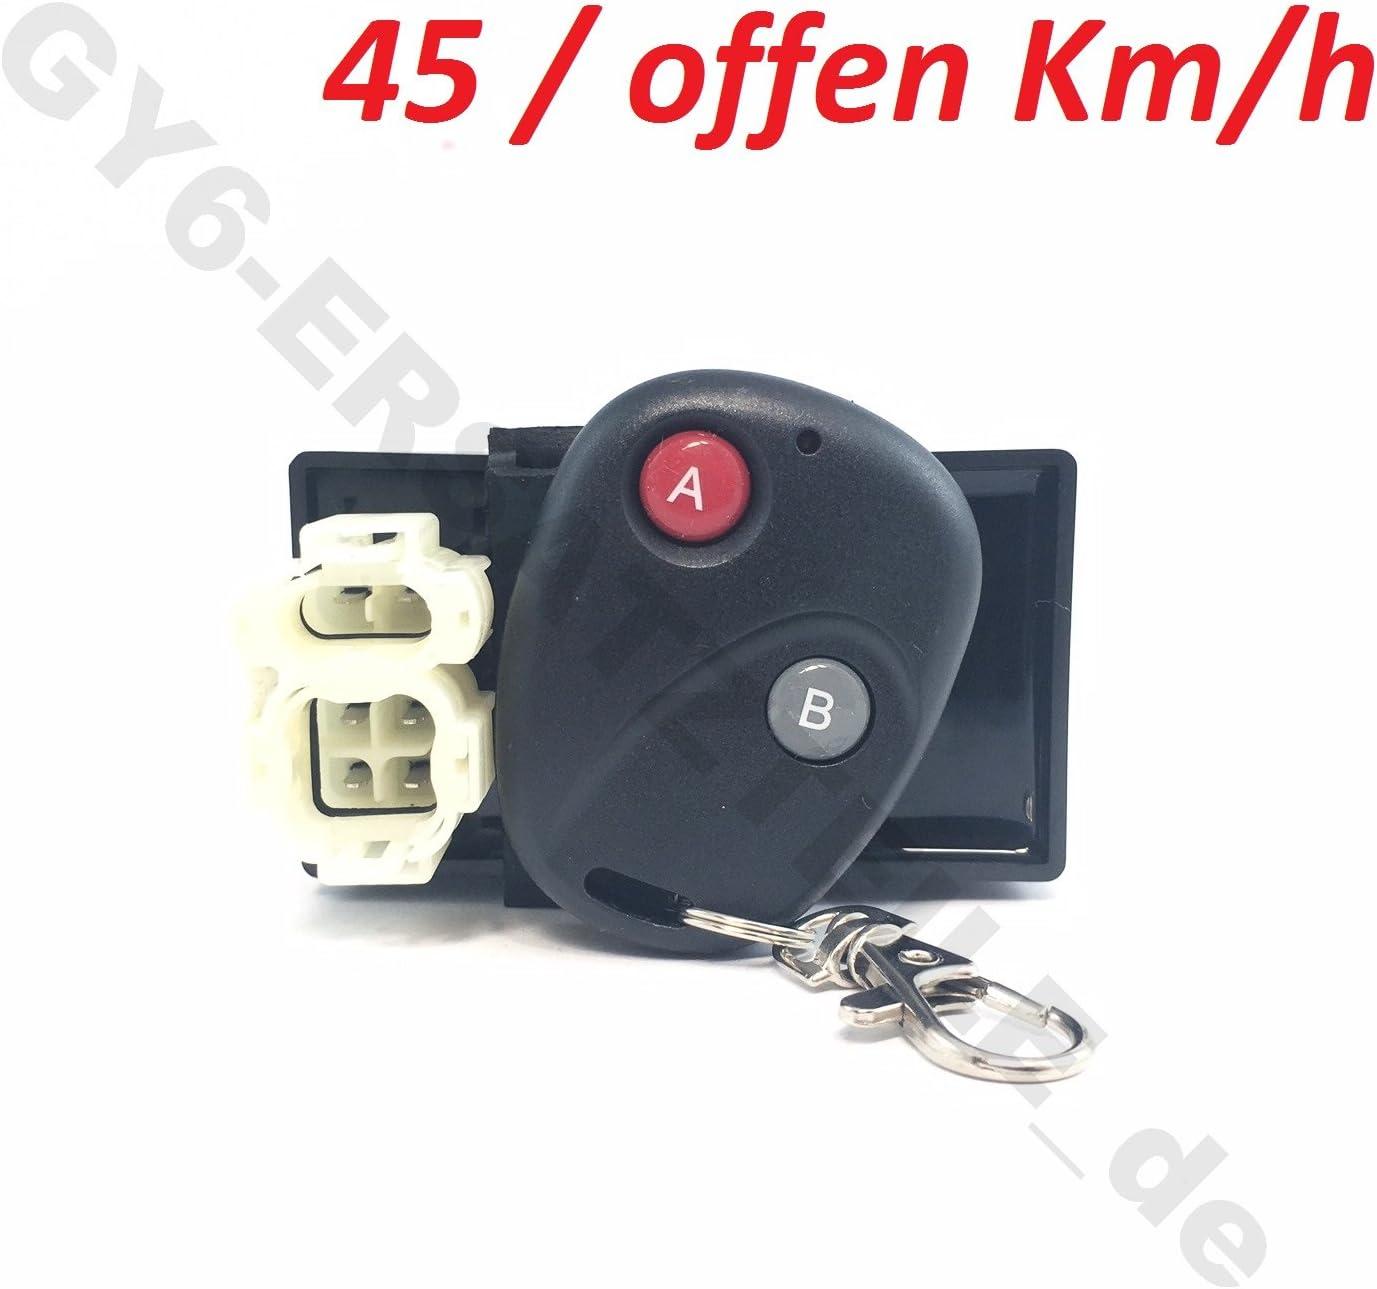 A+B - 45 //offen km//h SCHALTBAR FERNBEDIENUNG 6 Polig f/ür BAUMARKT- /& CHINA ROLLER 4-TAKT 139QMA /& 139QMB GY6 MOTOR AC Z/ÜNDUNG AC Z/ÜNDUNG 4-TAKT CDI//Z/ÜNDEINHEIT inkl